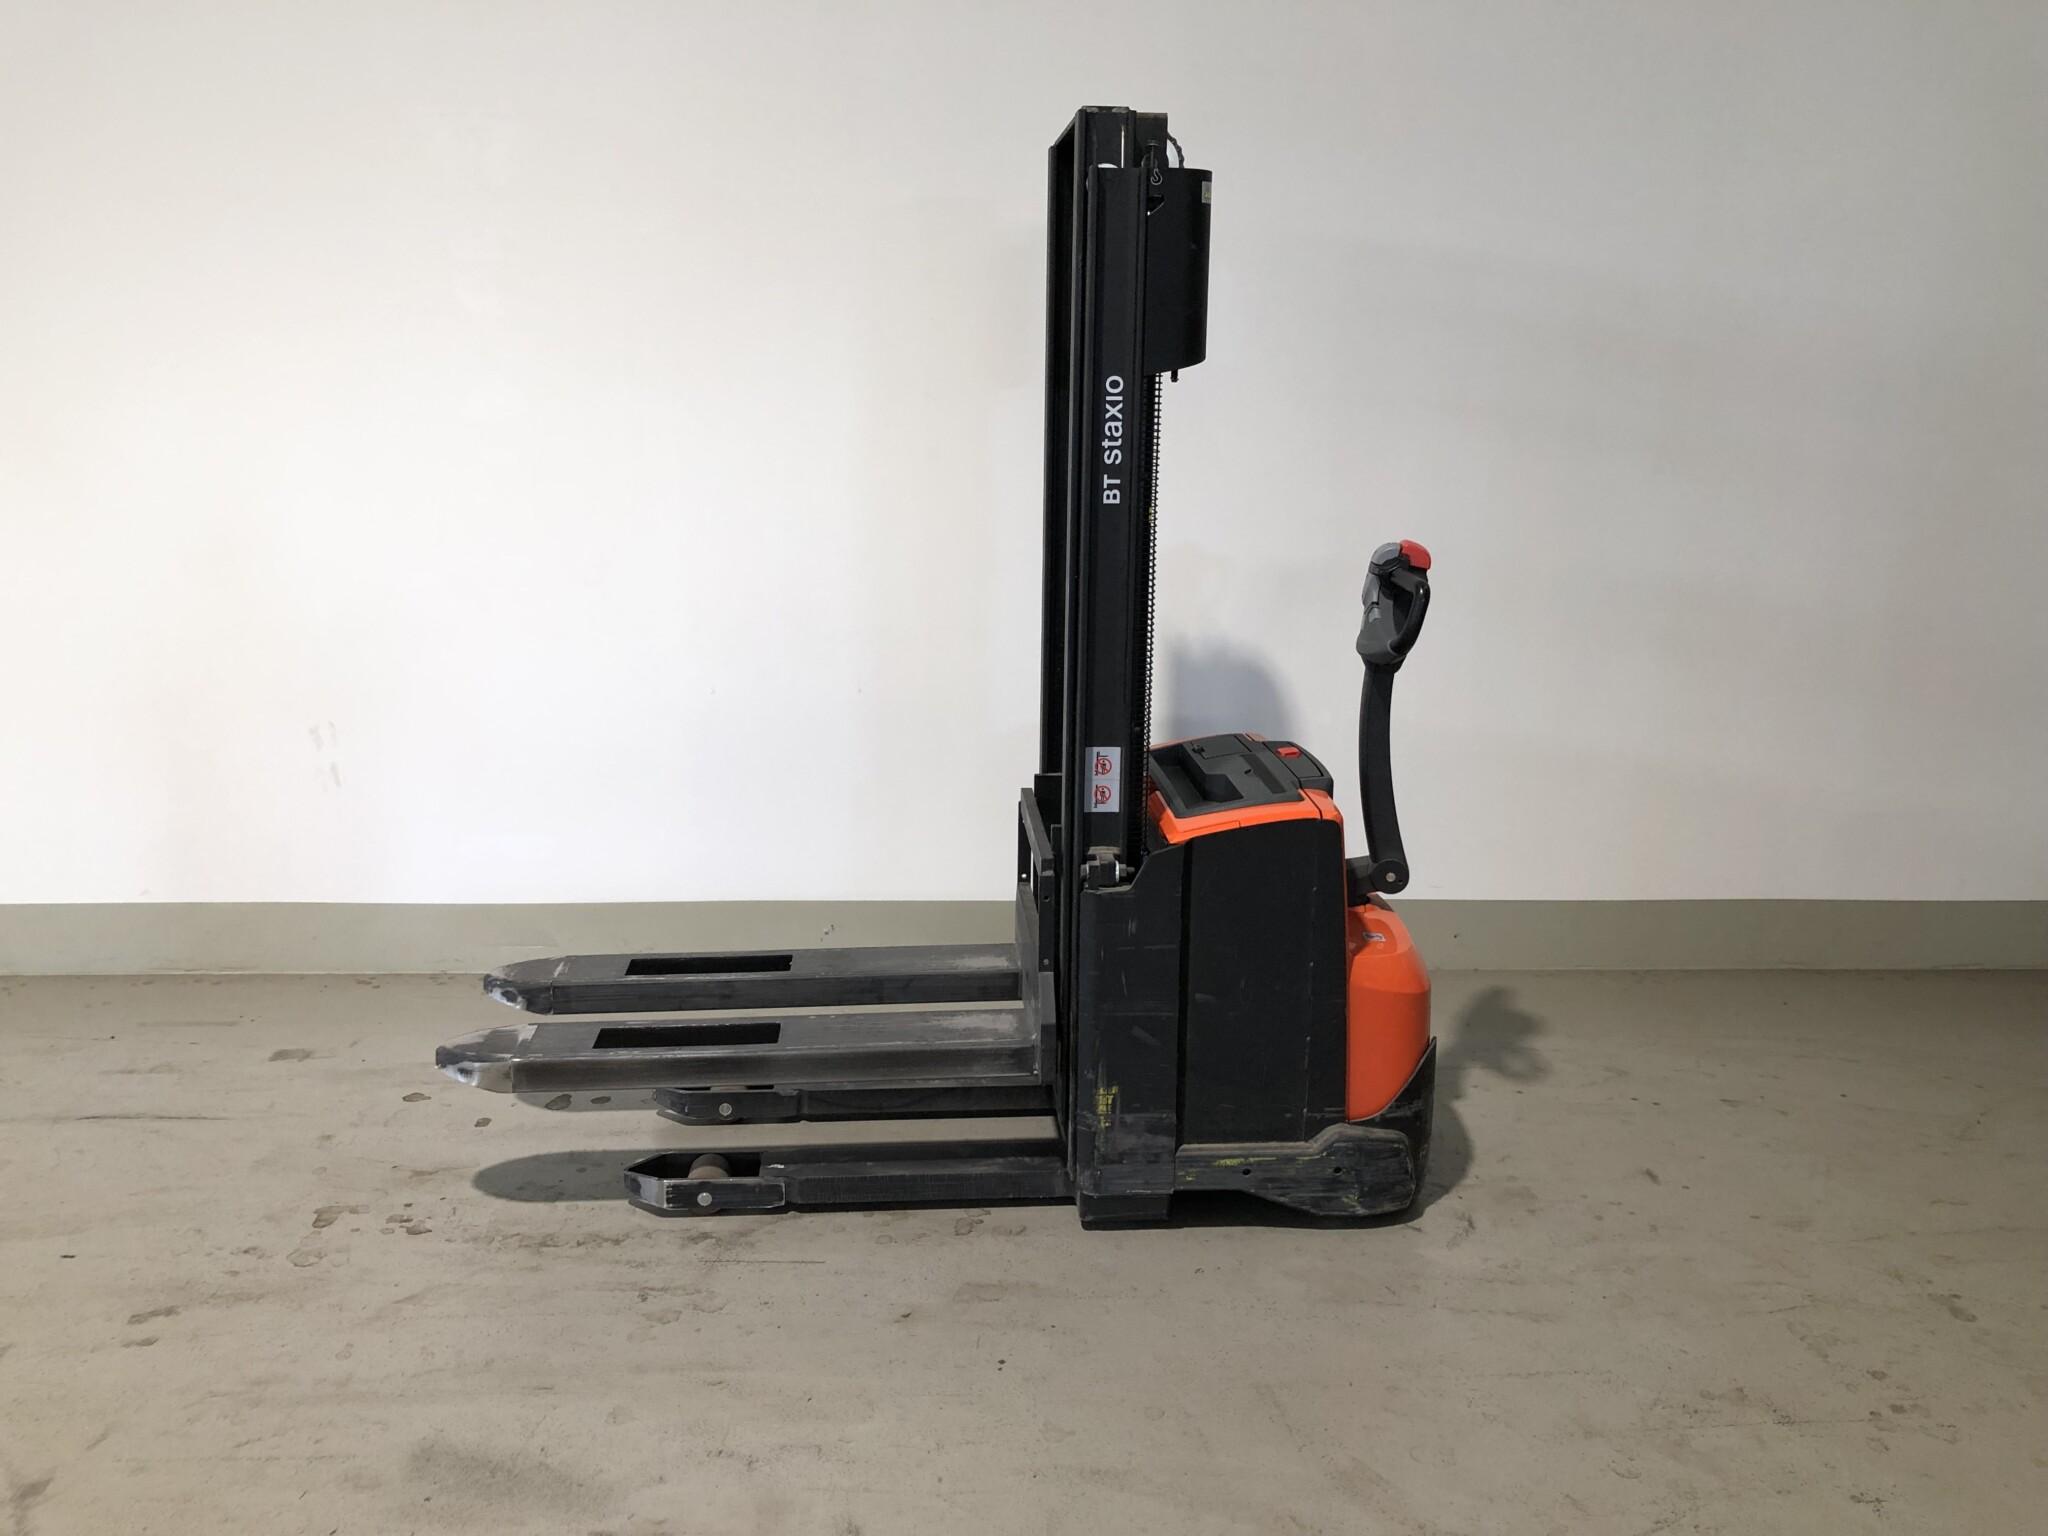 Toyota-Gabelstapler-59840 1610076456 1 scaled